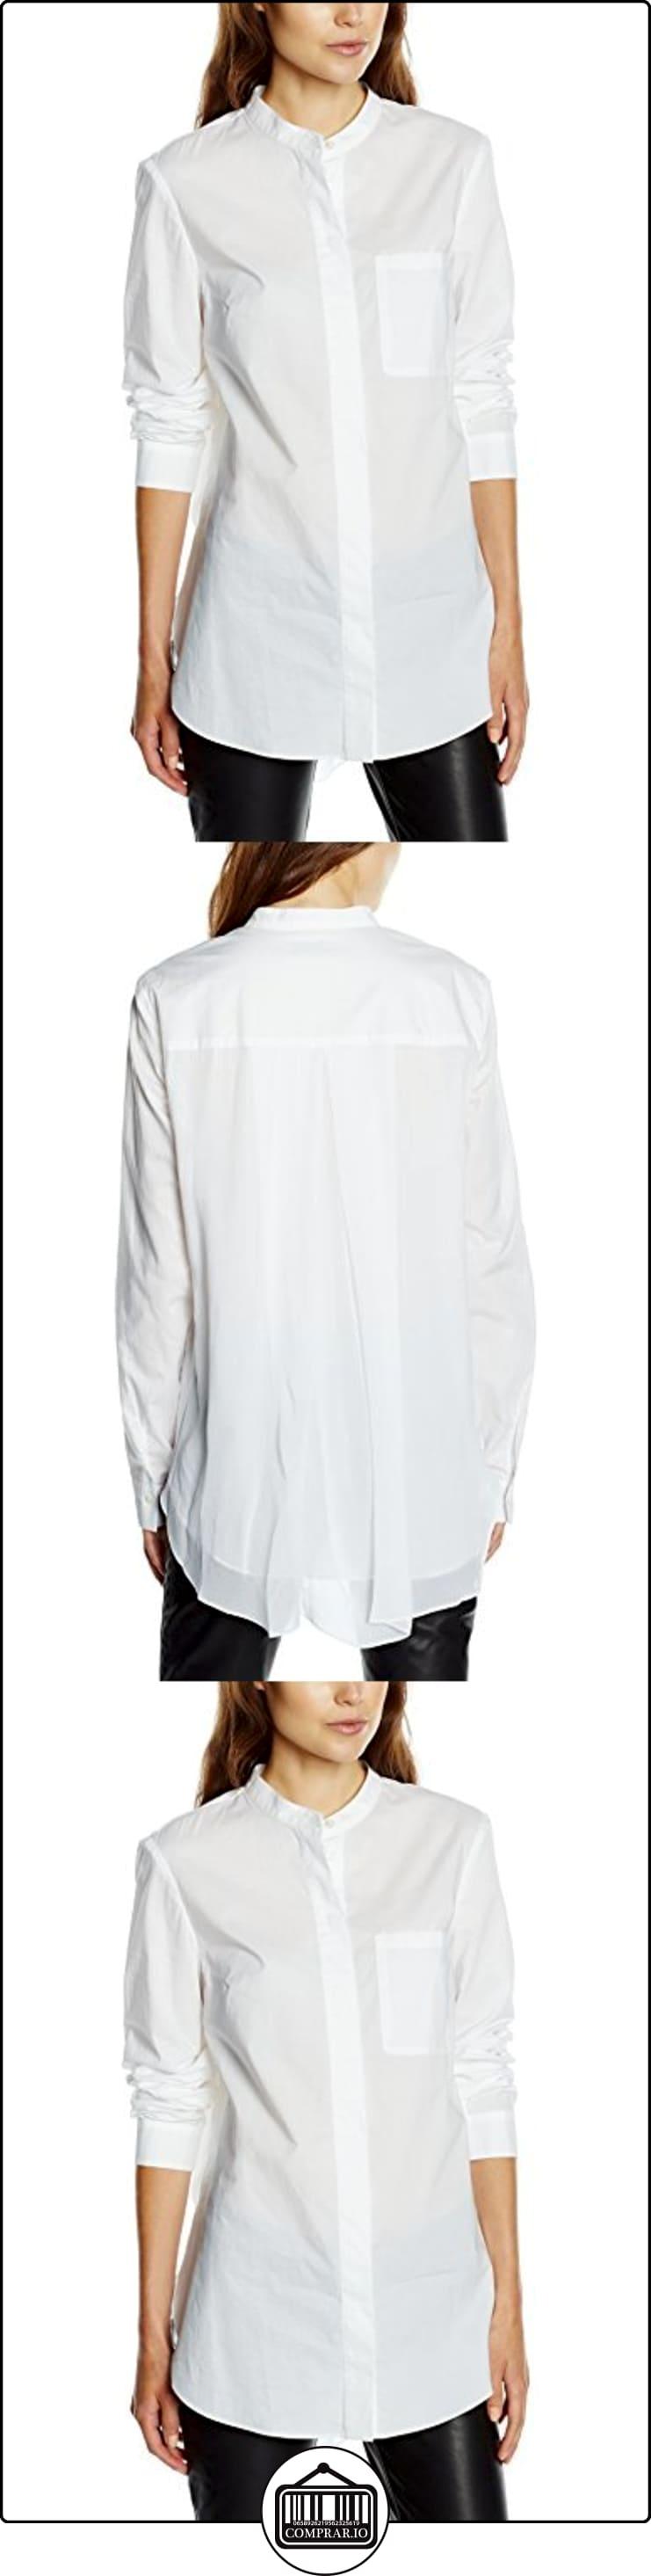 42219 Blusa Mujer 508 1307 Color Marc 100 Para O'polo White txwUPRqI